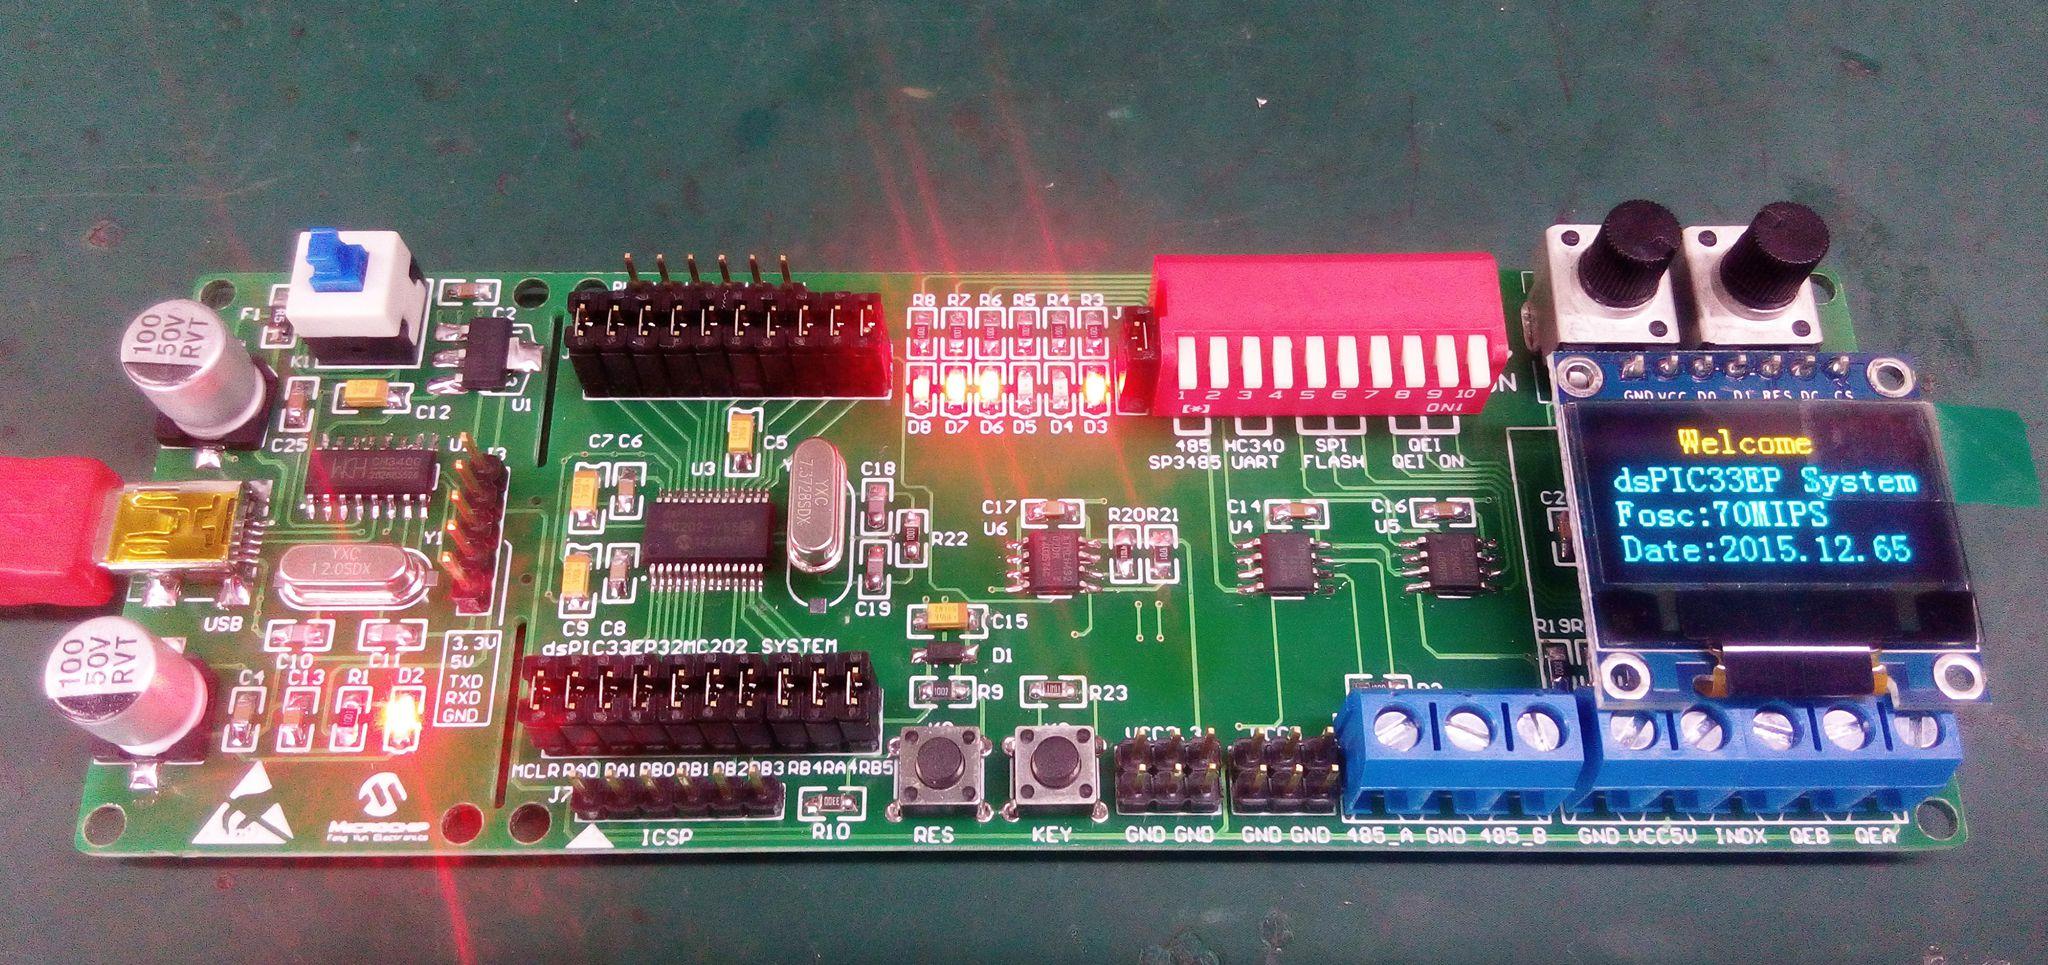 DsPIC Development Board DsPIC33EP Development Board DSP Experimental Board DsPIC33EP Series Development Board w5500 development board the ethernet module ethernet development board